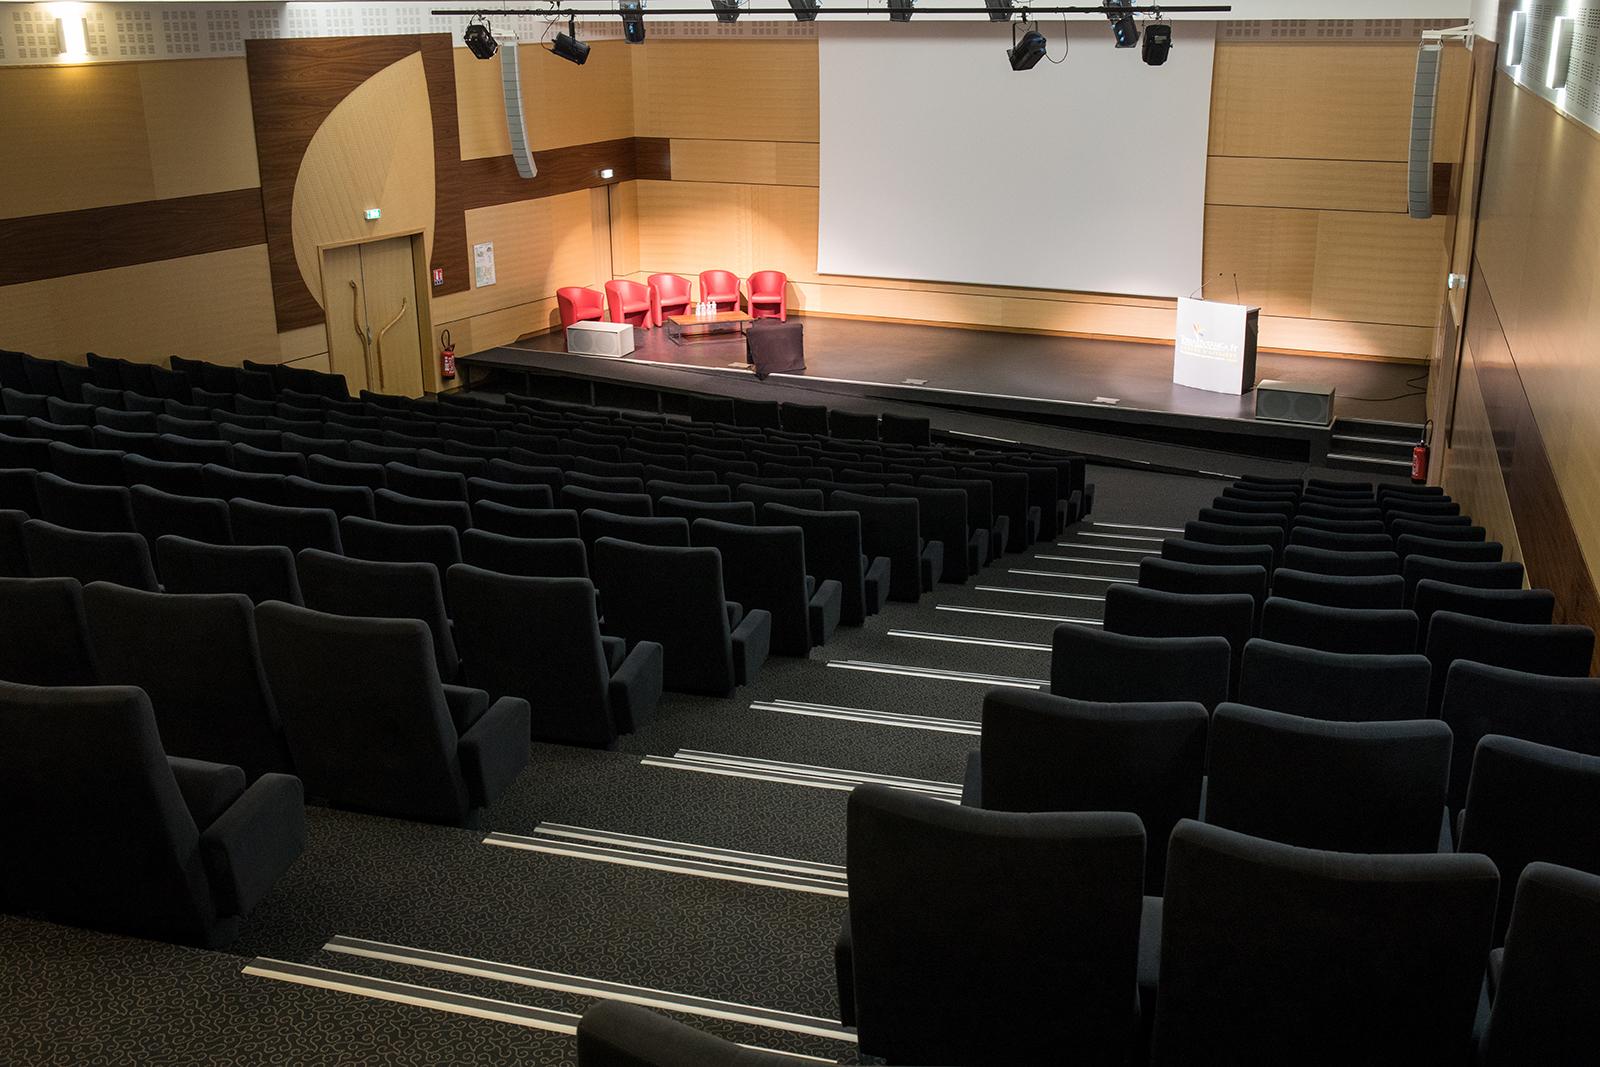 Habillages muraux et menuiseries intérieures de l'Auditorium de Terra Botanica - Maine et Loire